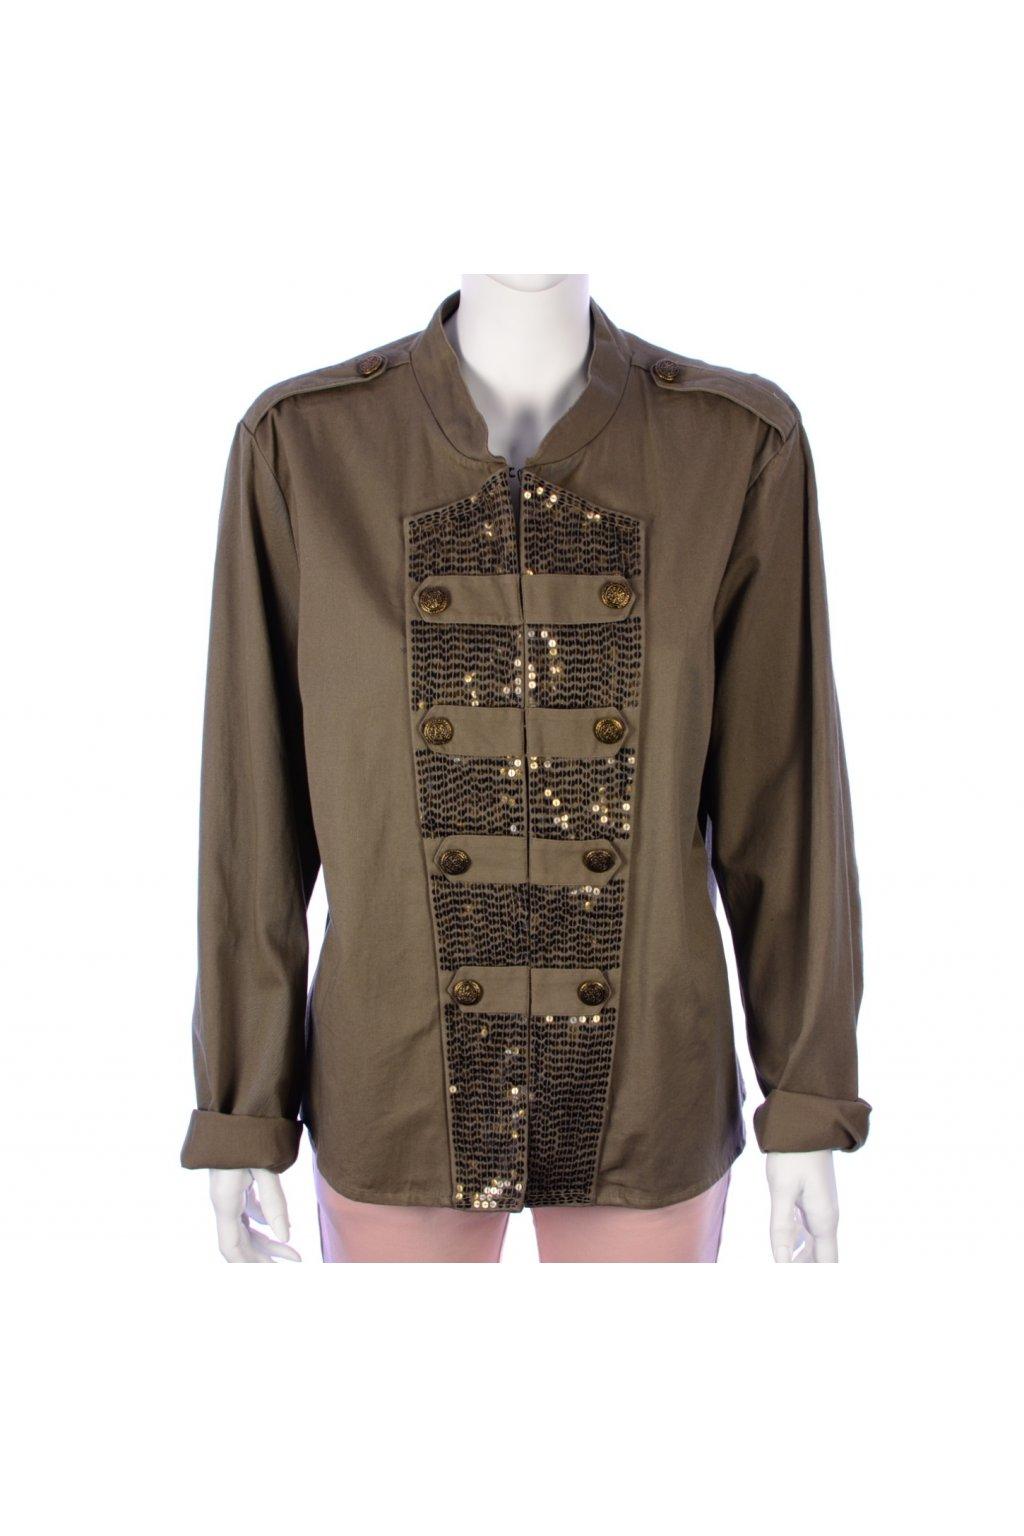 Kabátek khaki lehký s flitry Sophie Gray vel. 50 / uk 22 / XL malá vada